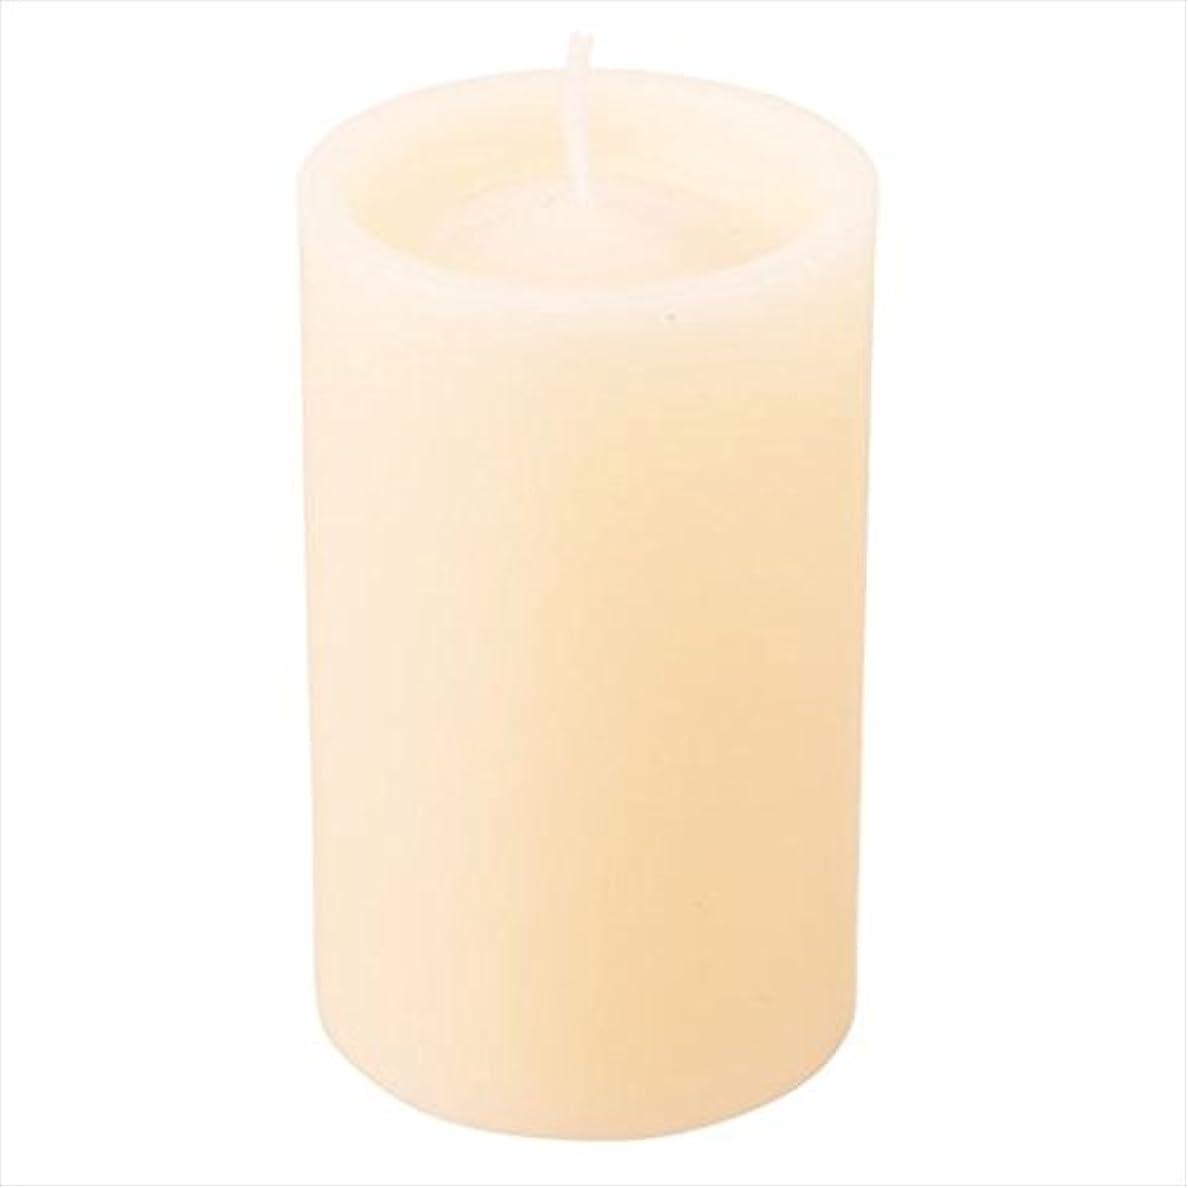 つぶすくちばし薬カメヤマキャンドル(kameyama candle) ロイヤルラウンド60 「 ベージュ 」